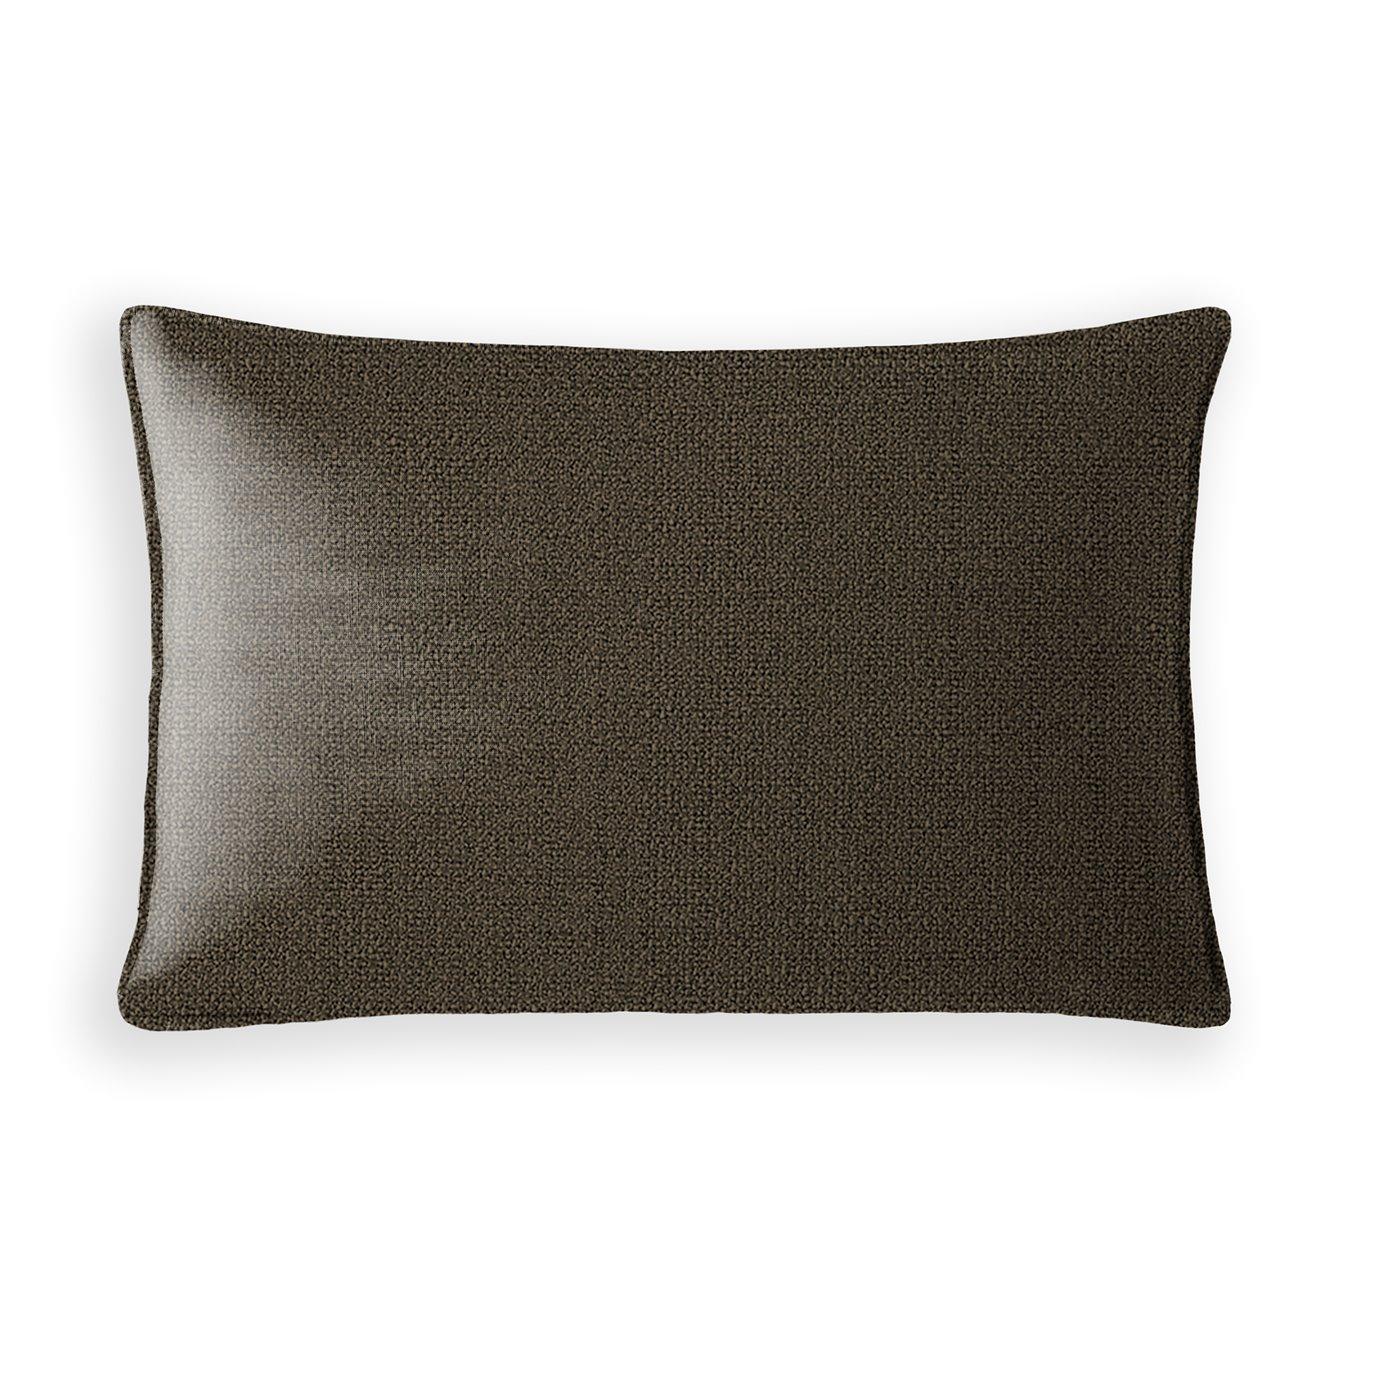 Hickory Lane Decorative Cushion - Long Rectangle